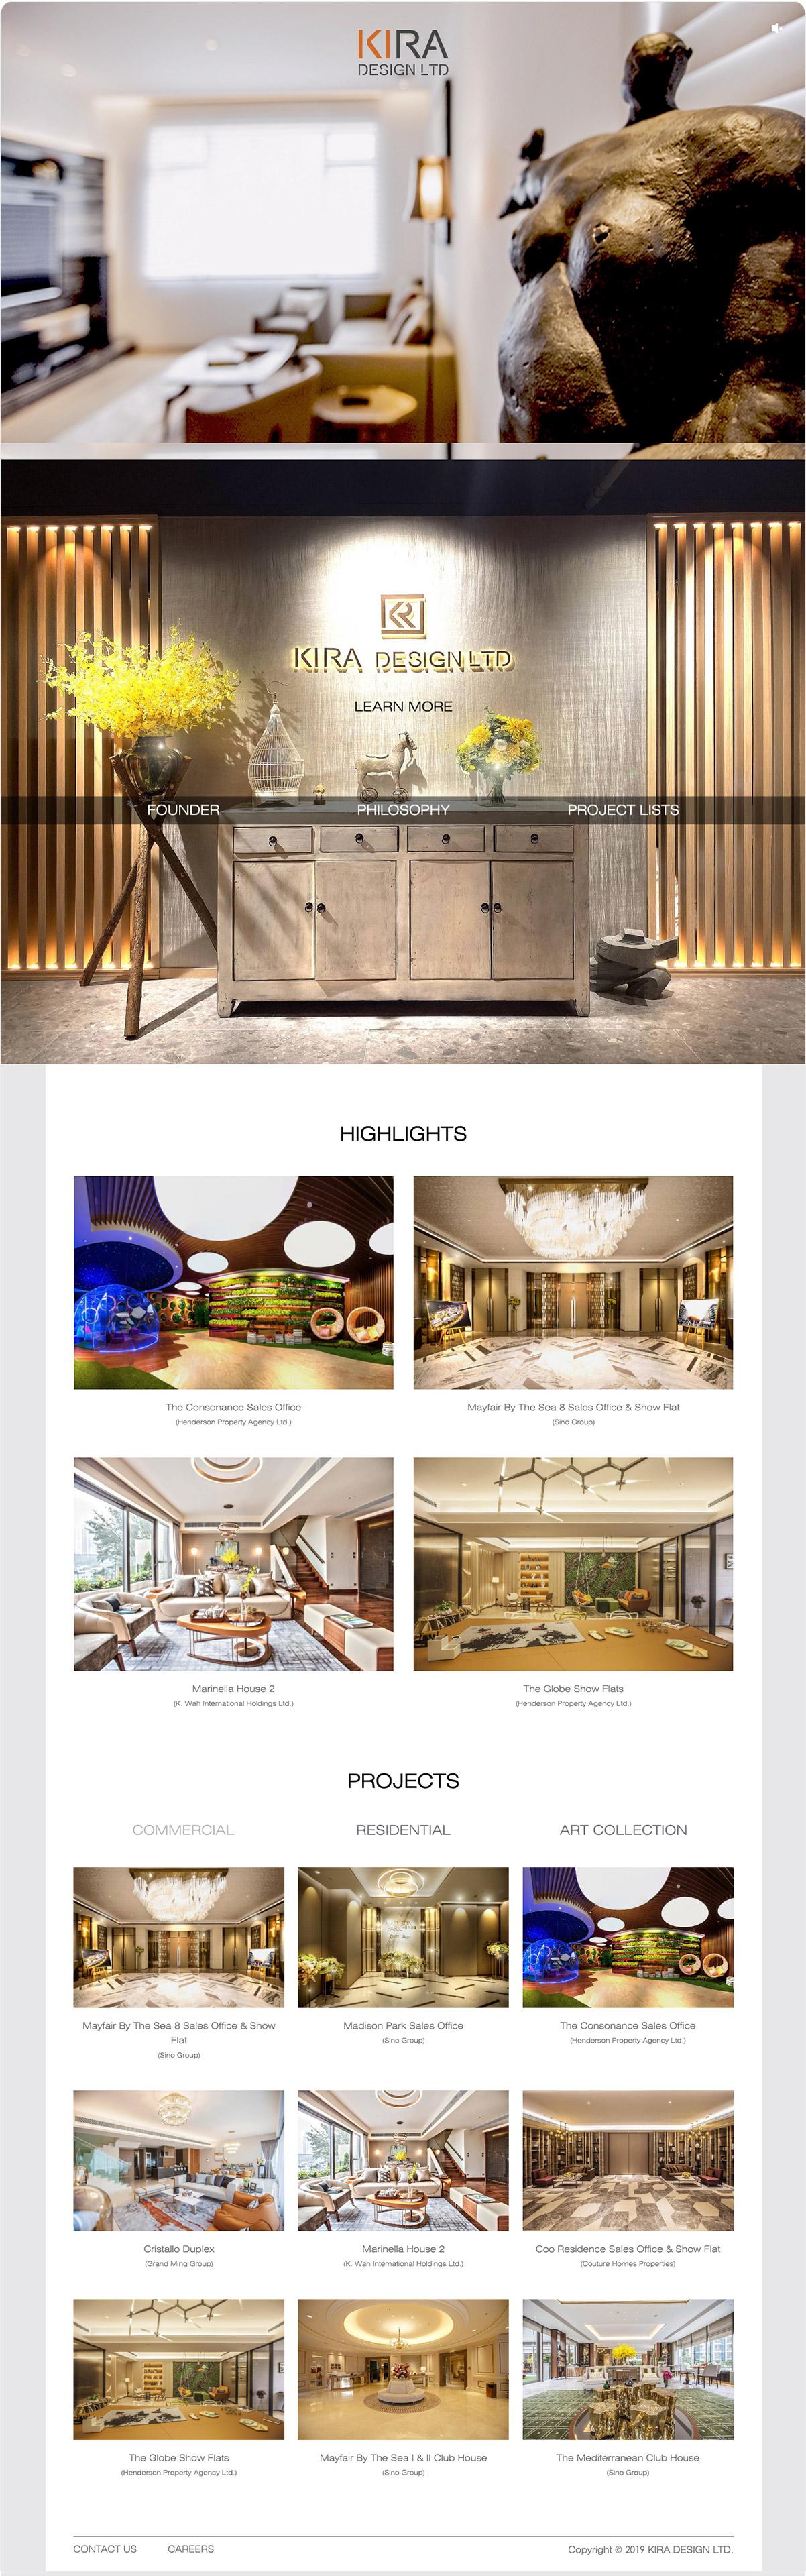 kira-design-detailpage-3.jpg